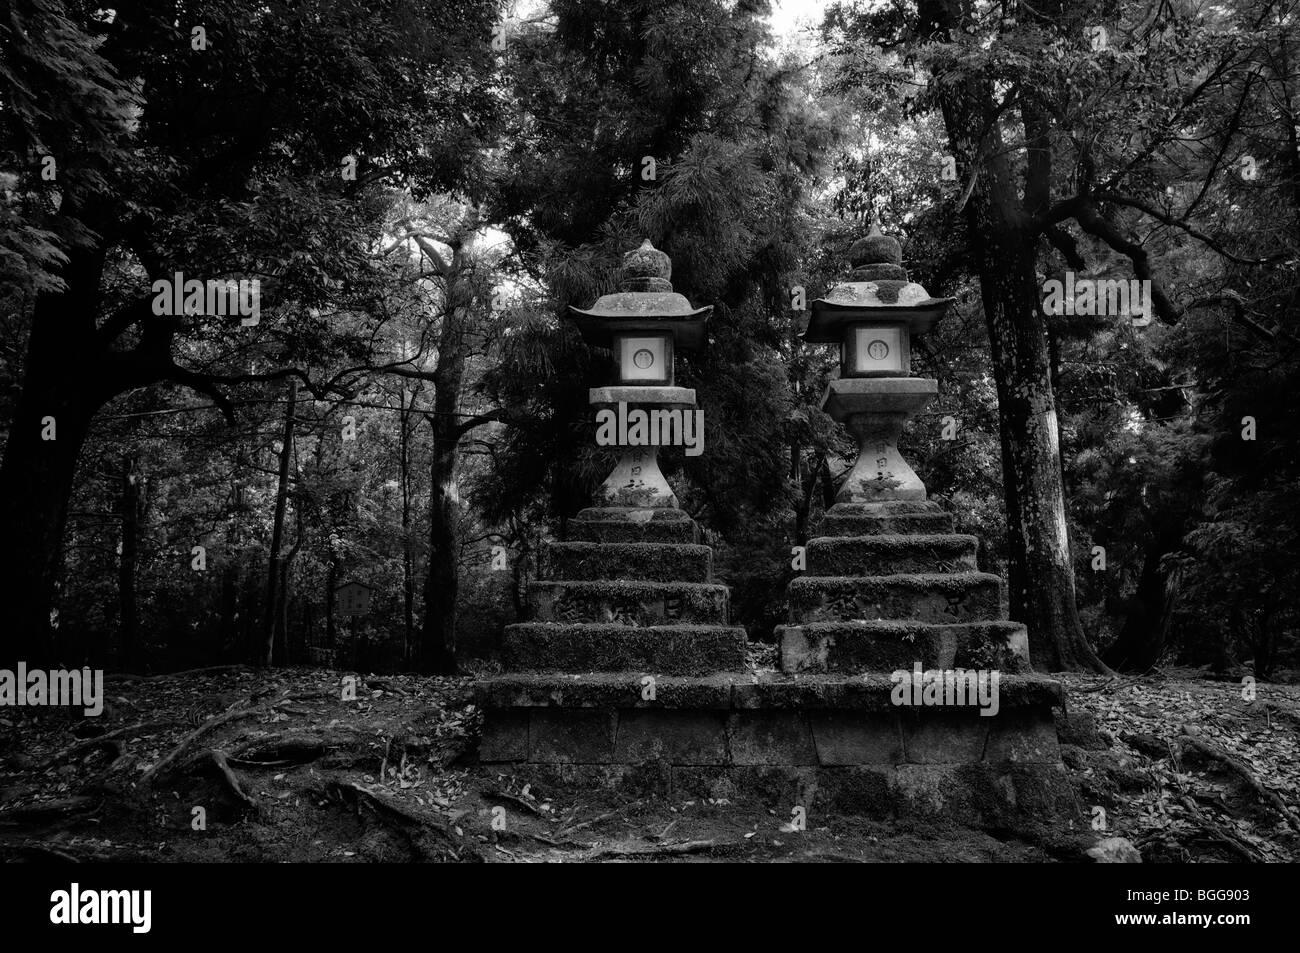 Japanese stone lanterns. Kasuga-taisha Shrine (aka Kasuga Shrine). Nara City. Nara Prefecture. Japan - Stock Image